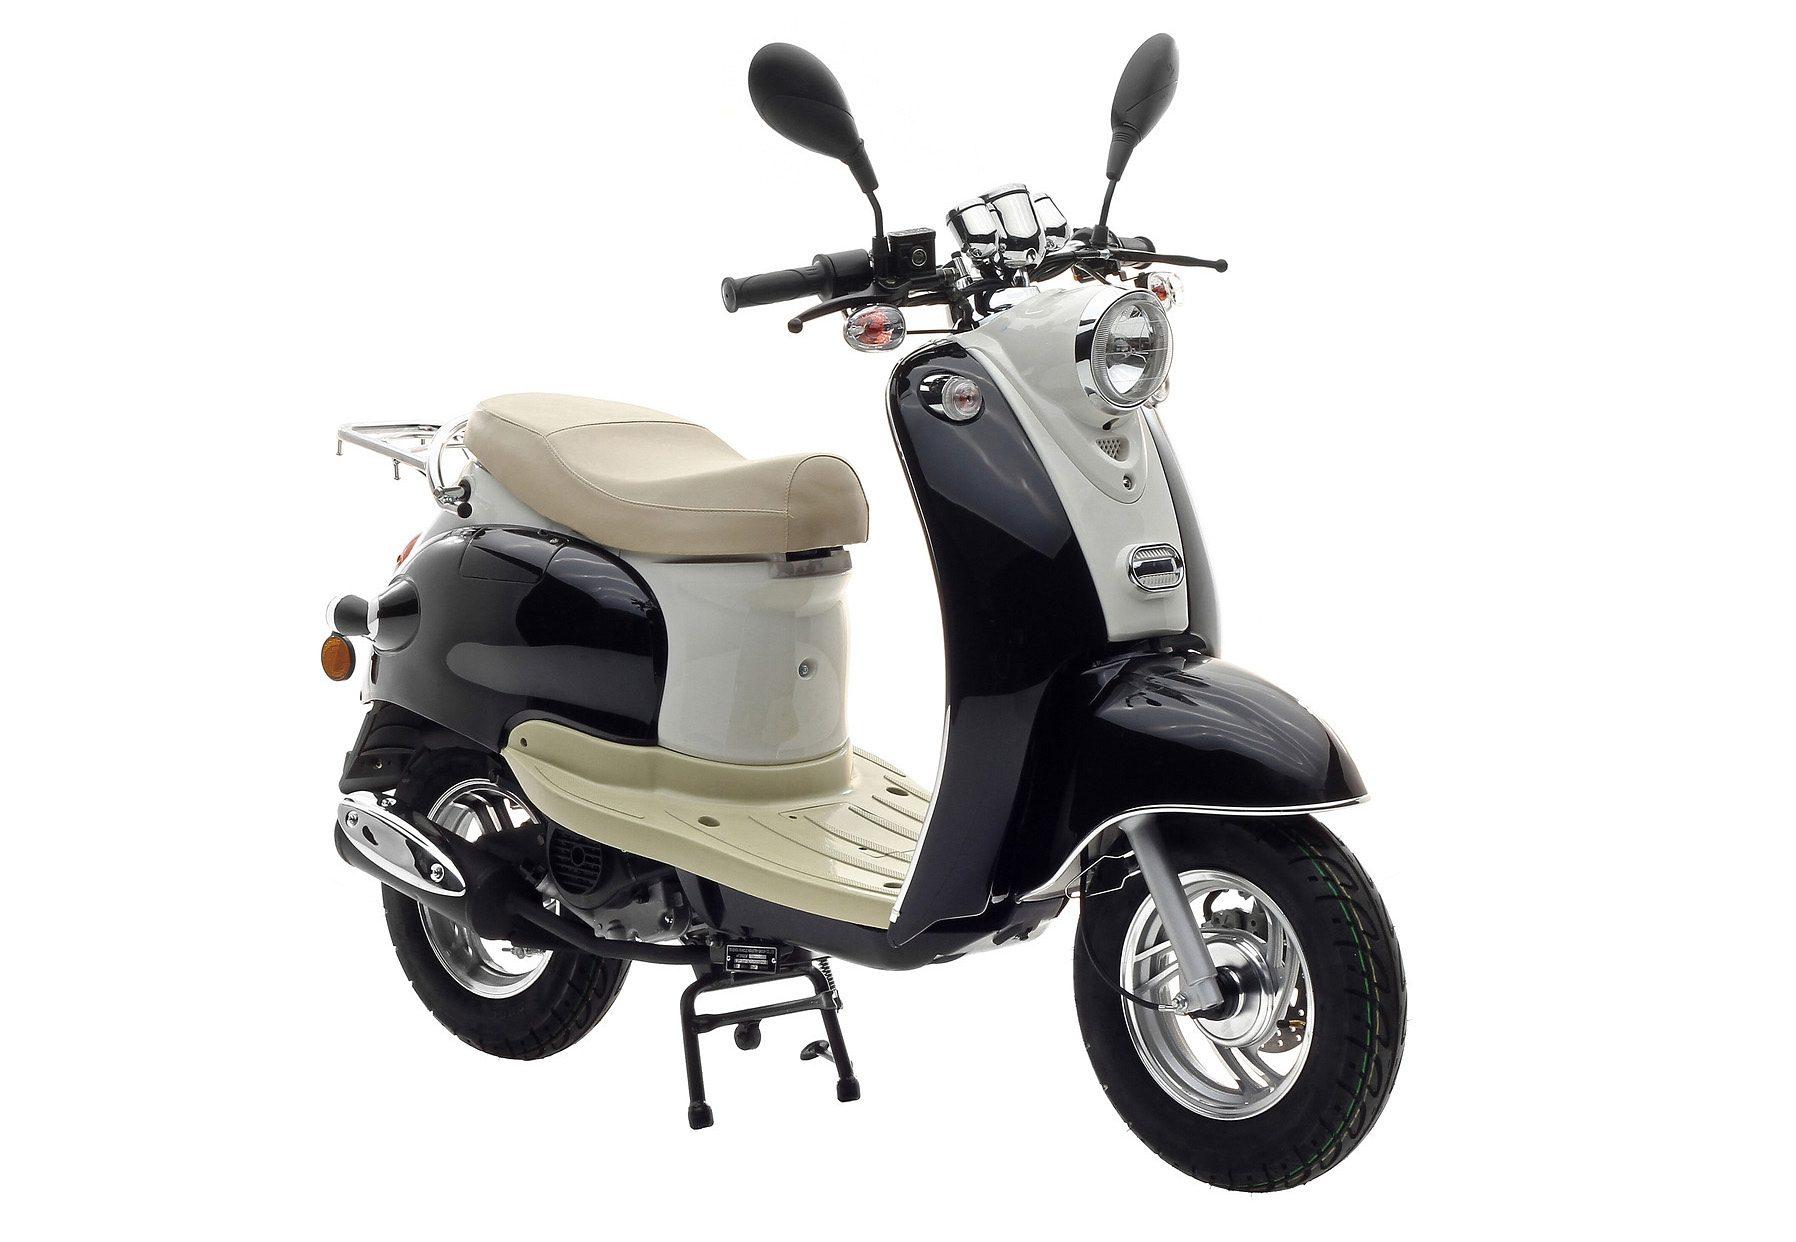 Retro-Mofarroller, Nova Motors, »Venezia II«, 50 ccm 25 km/h, schwarz-weiß